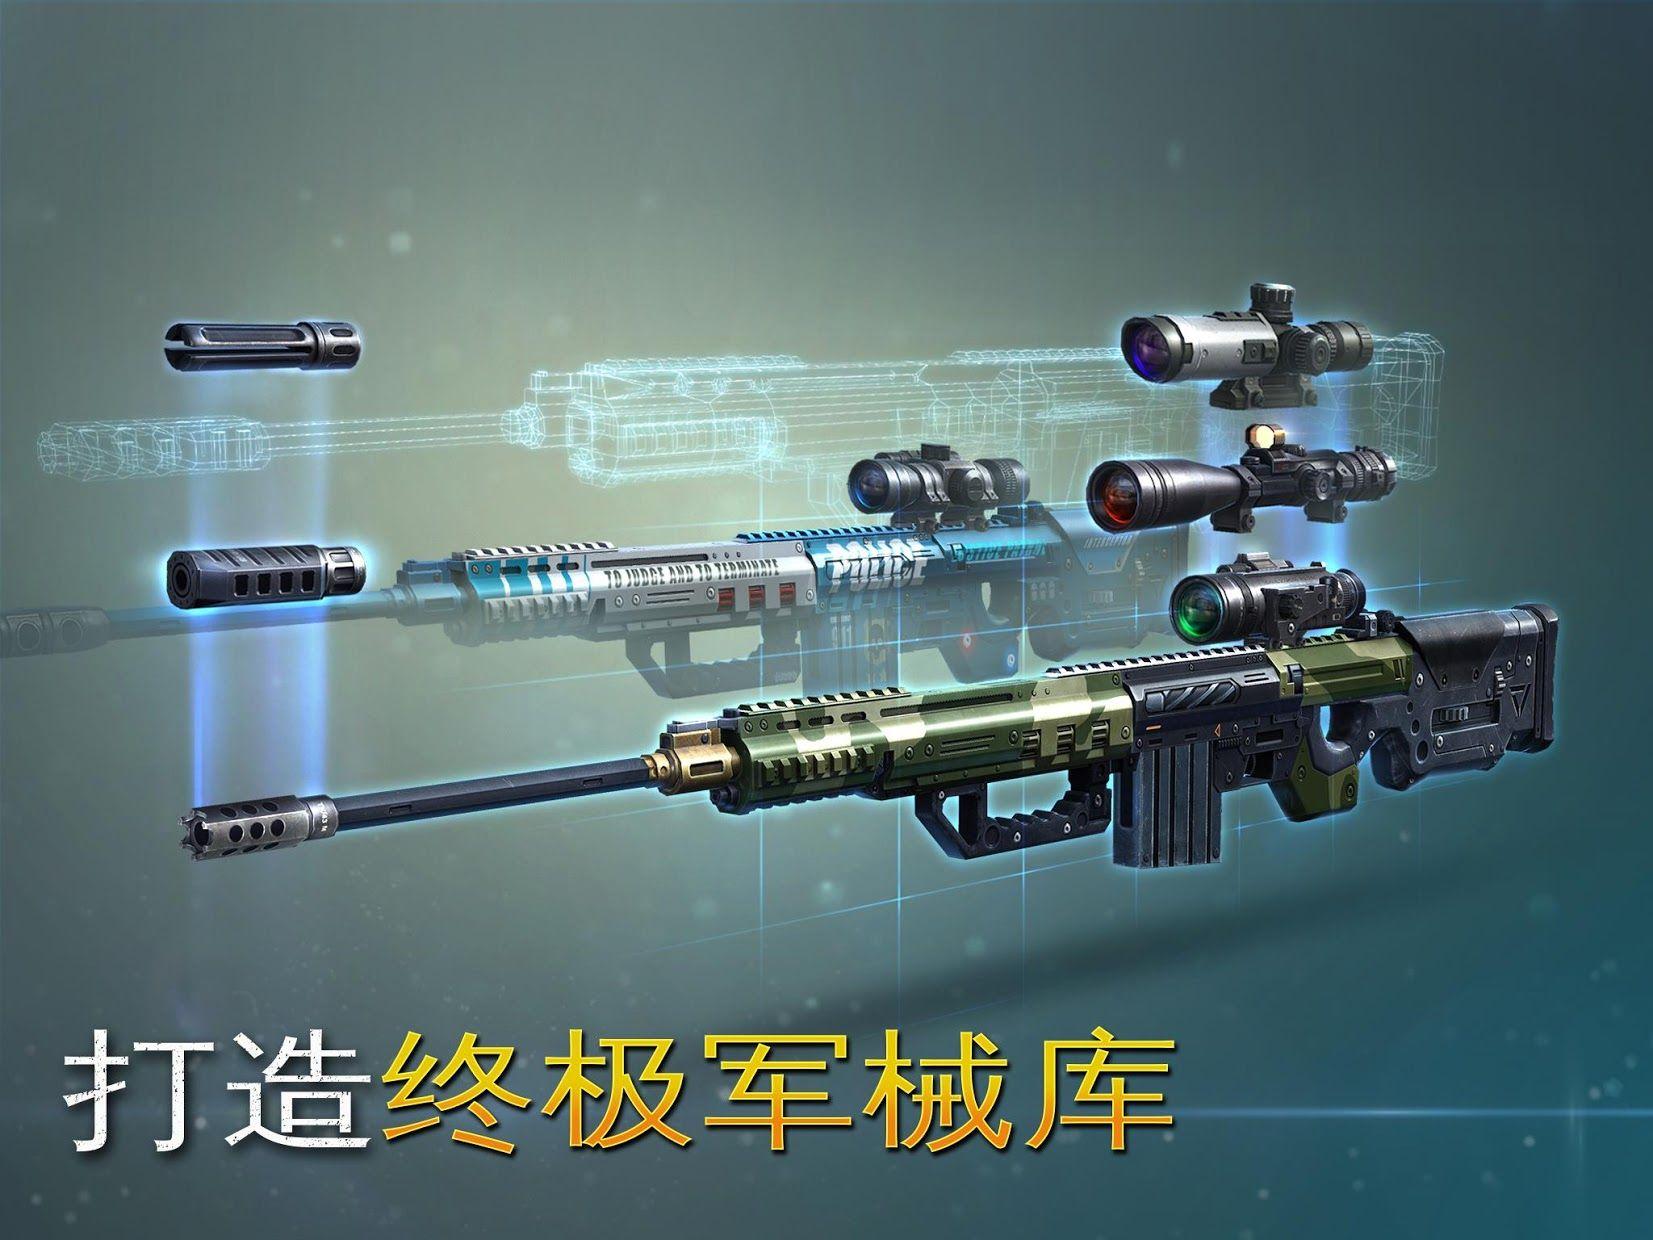 炽热狙击:最好玩的射击游戏为什么不出声音